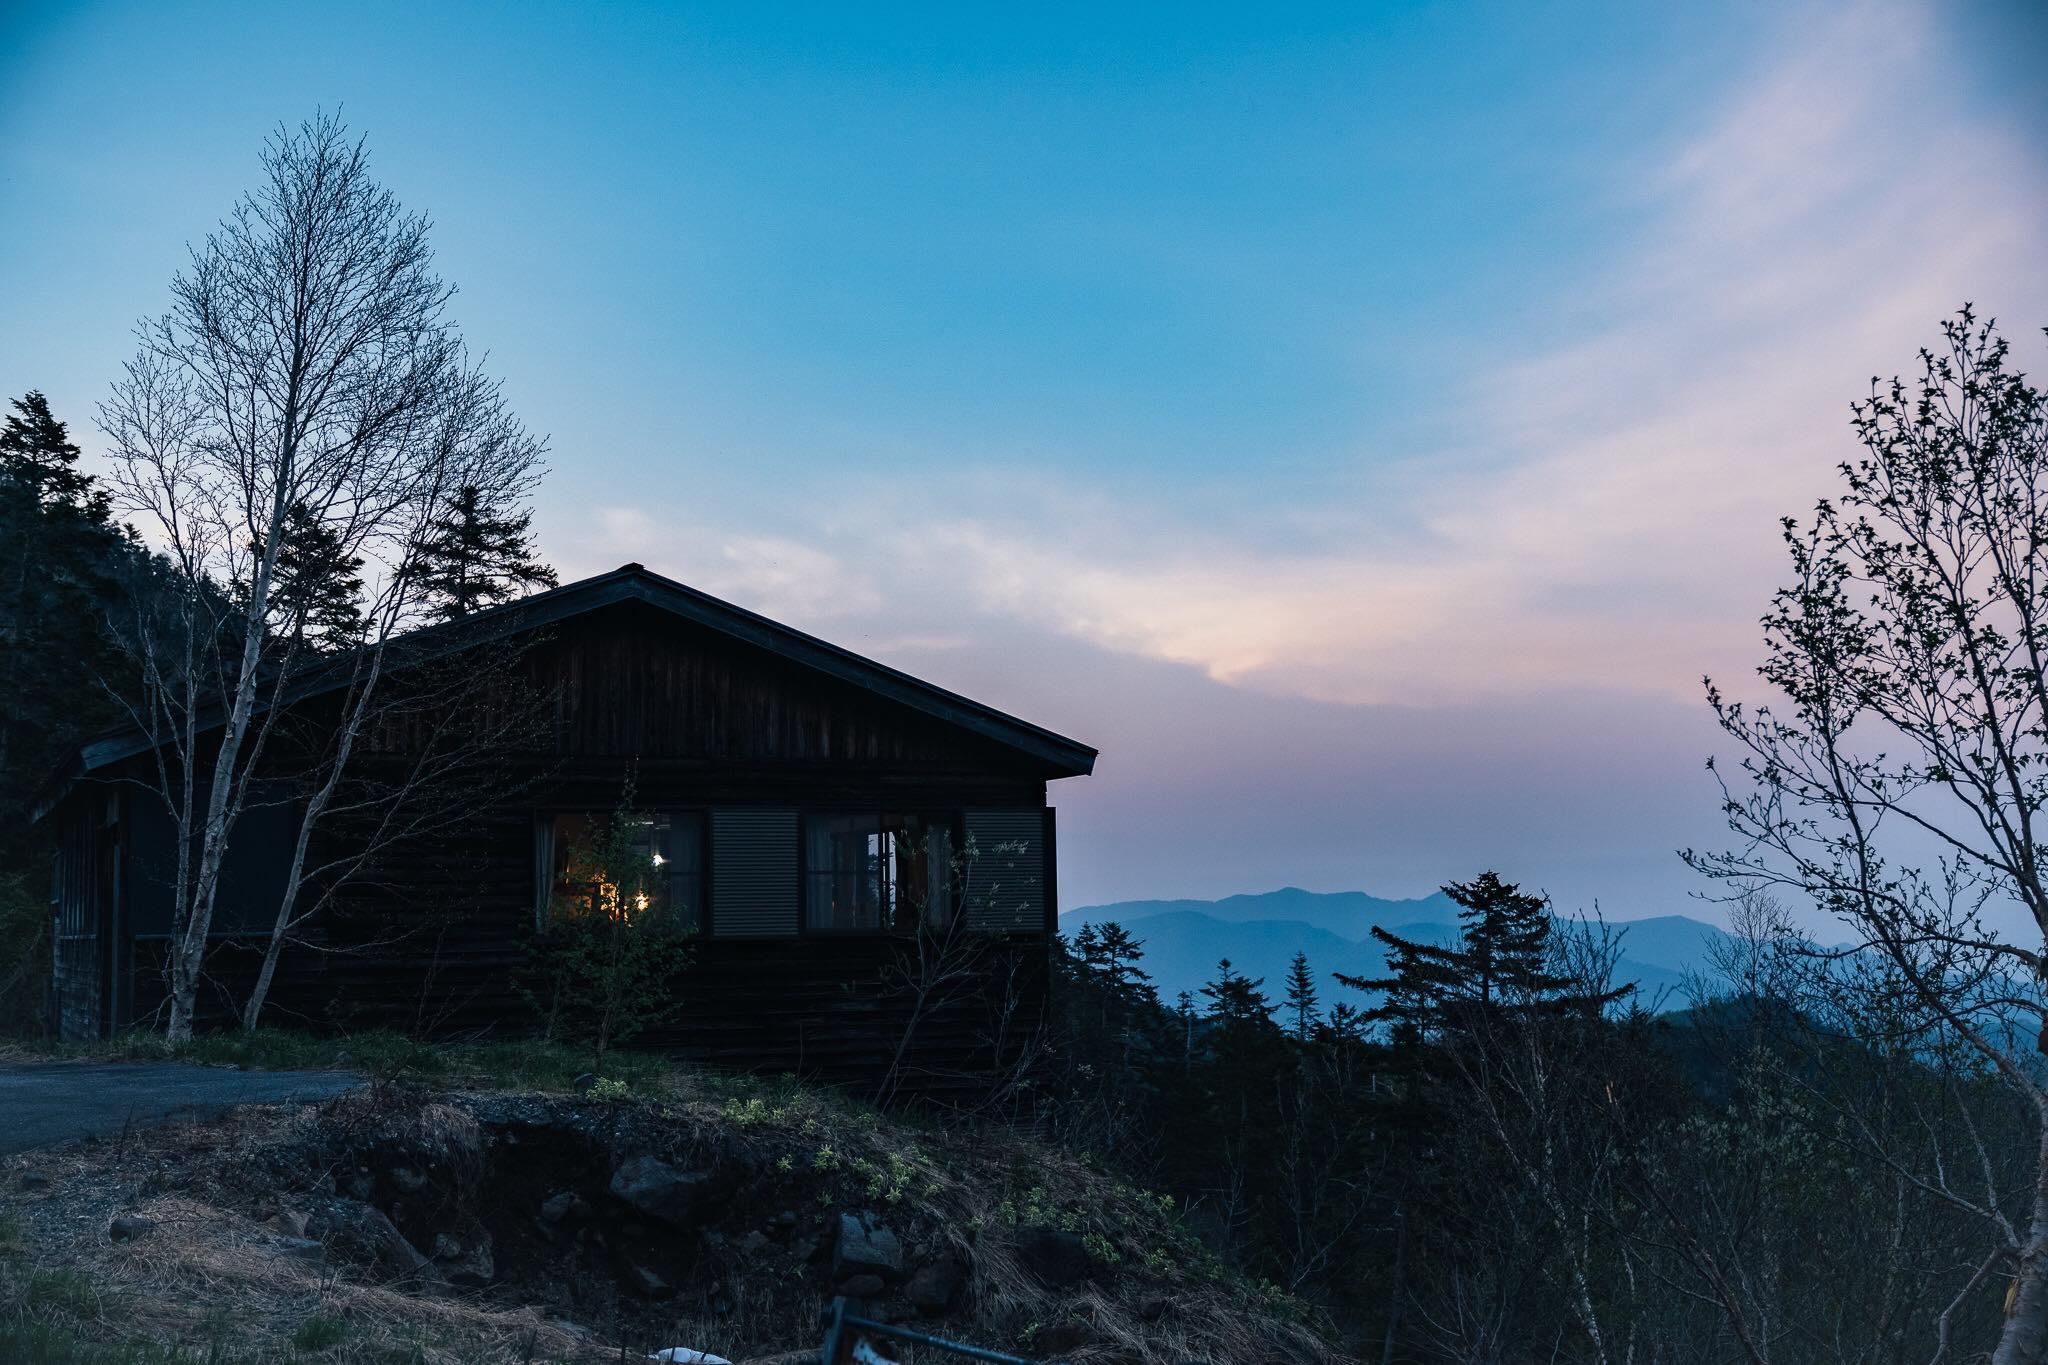 山の玄人も初心者も。地上2100mにみんなが集える場をつくる。「冷泉小屋再生プロジェクト」